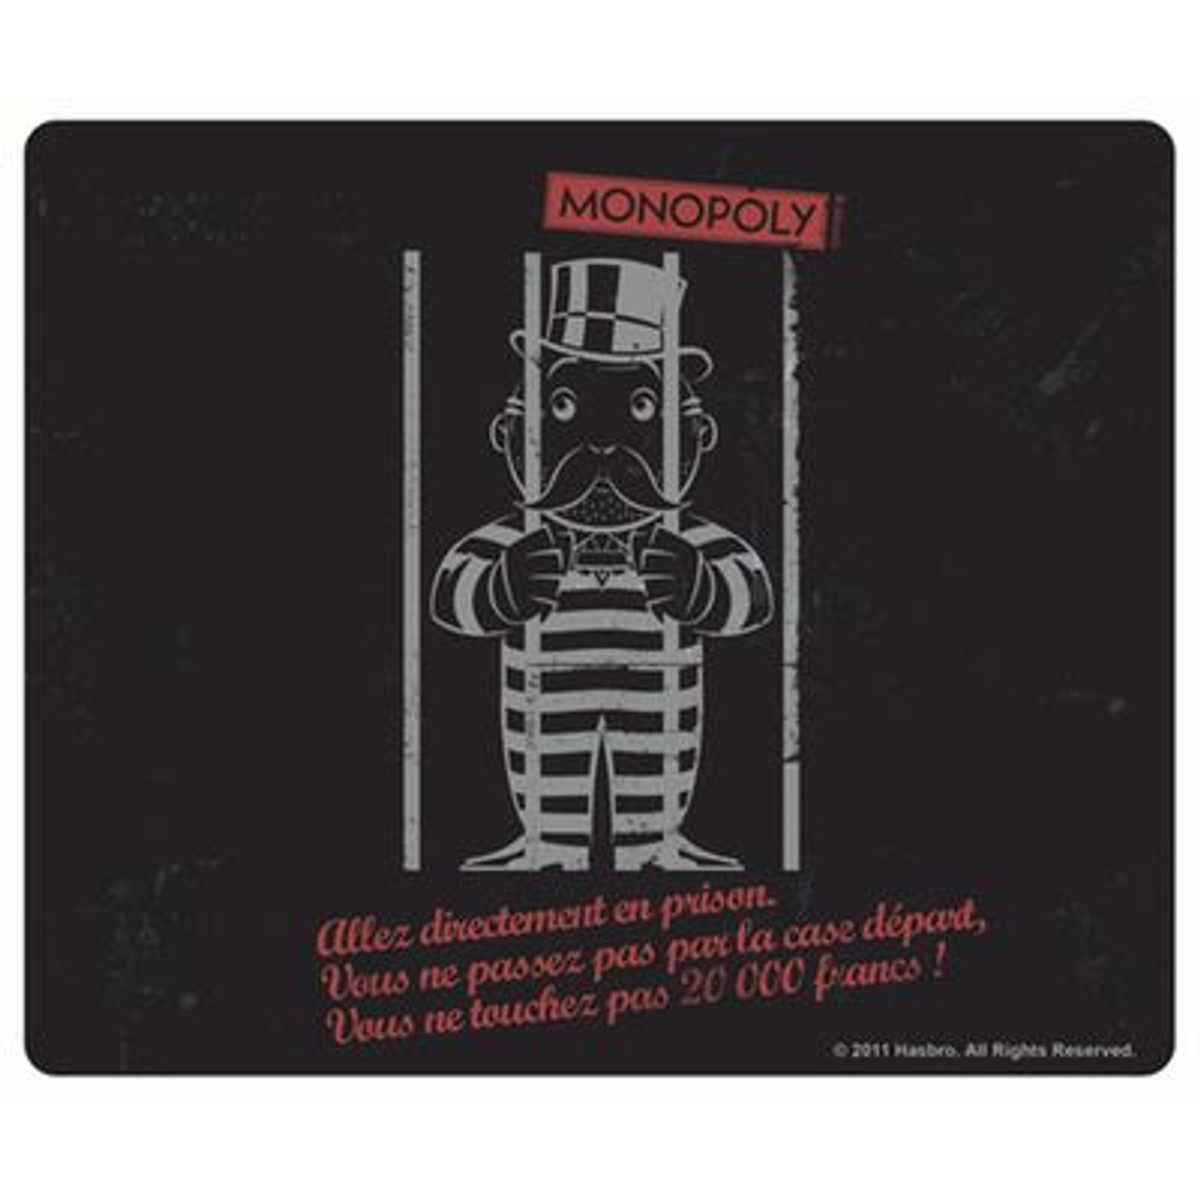 Monopoly Tapis De Souris Prison Tapis De Souris Monopoly Et Tapis